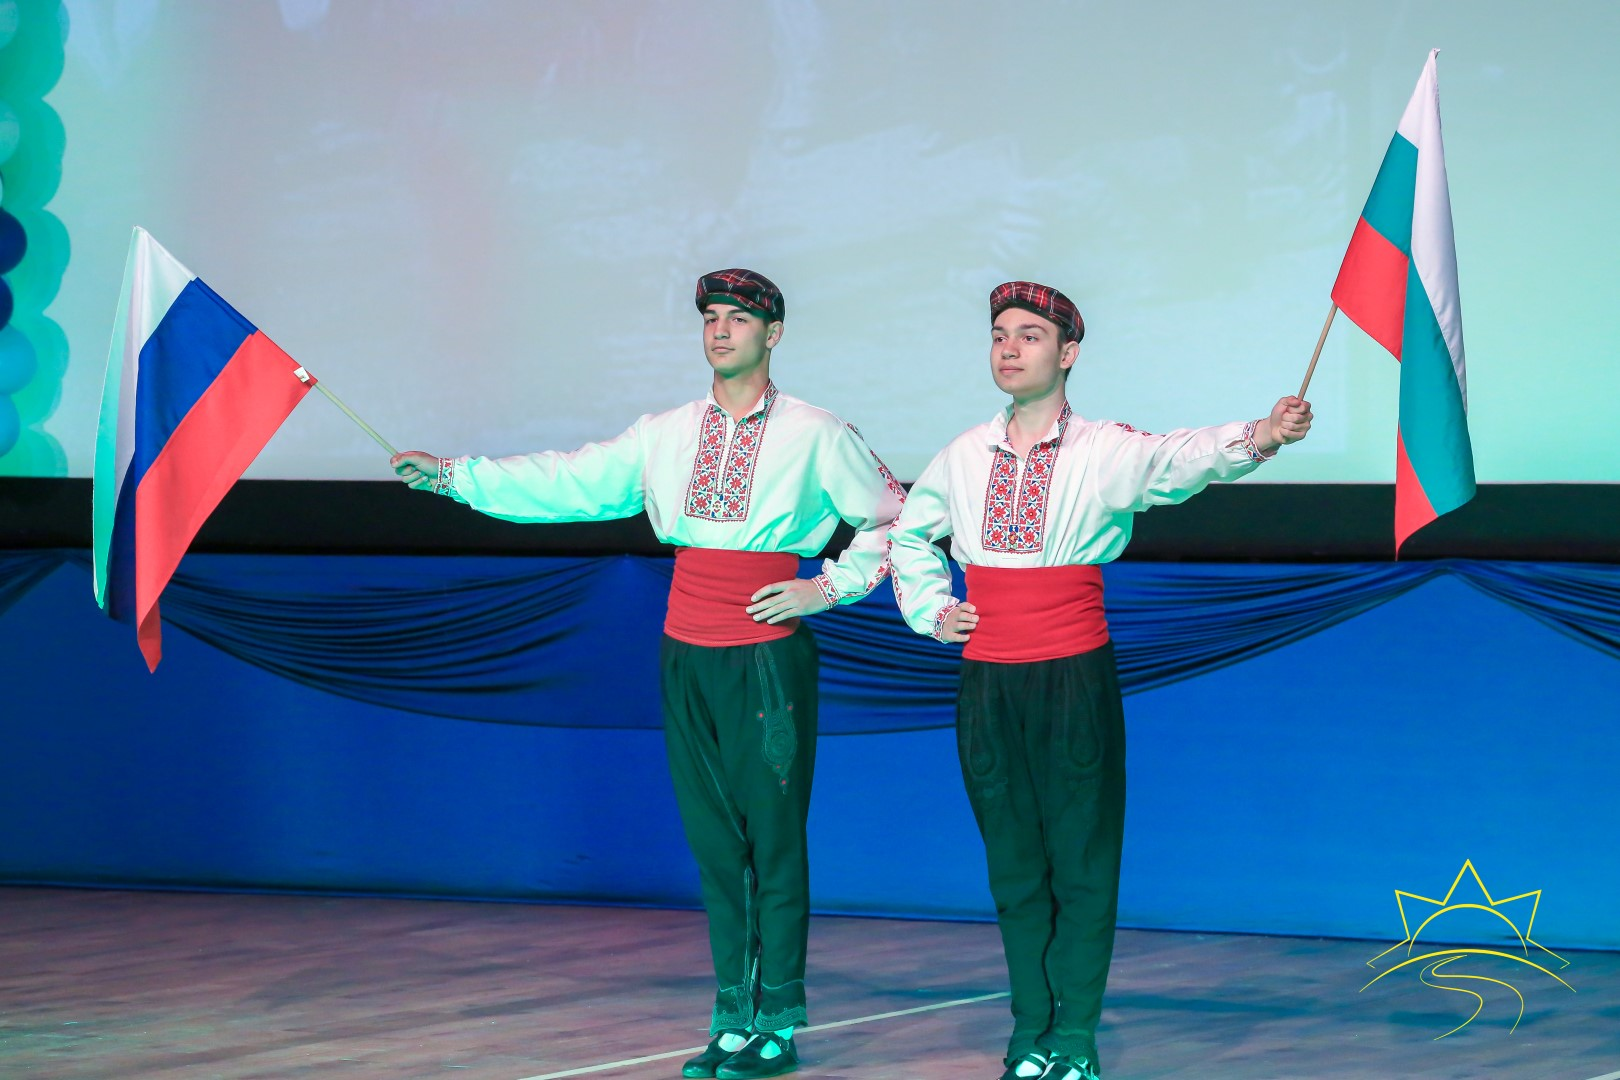 В «Камчии» пройдут Дни российской культуры